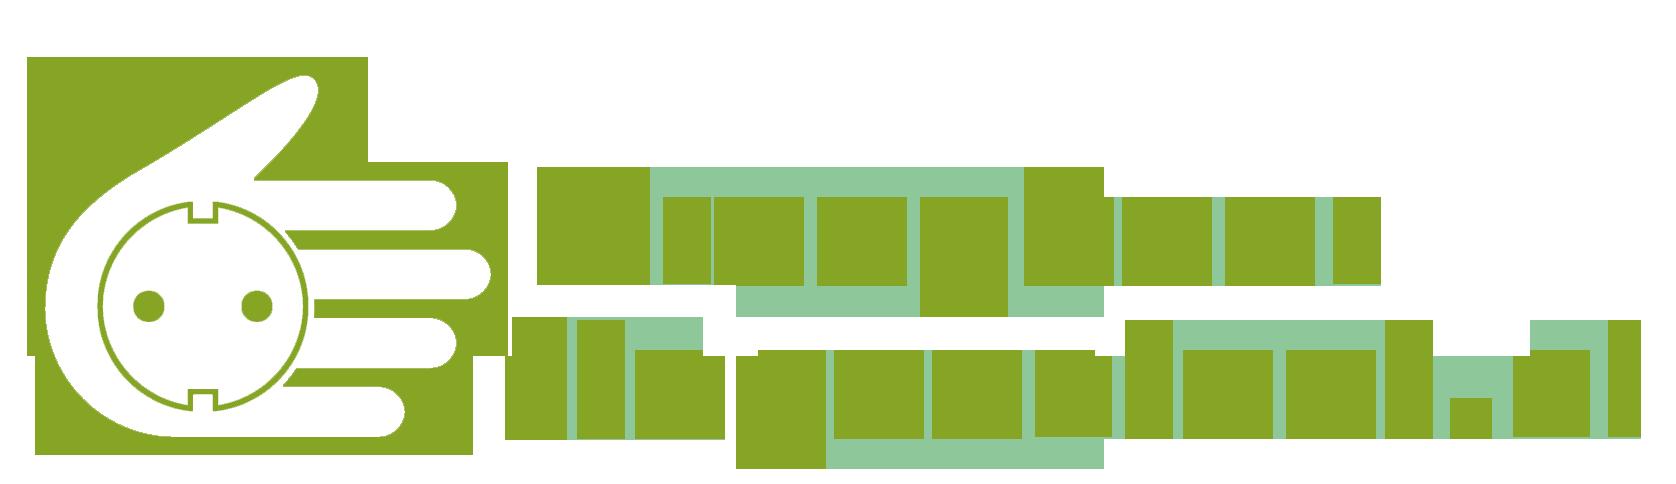 DraagbaarStopcontact.nl | Passie voor mobiele elektriciteit!